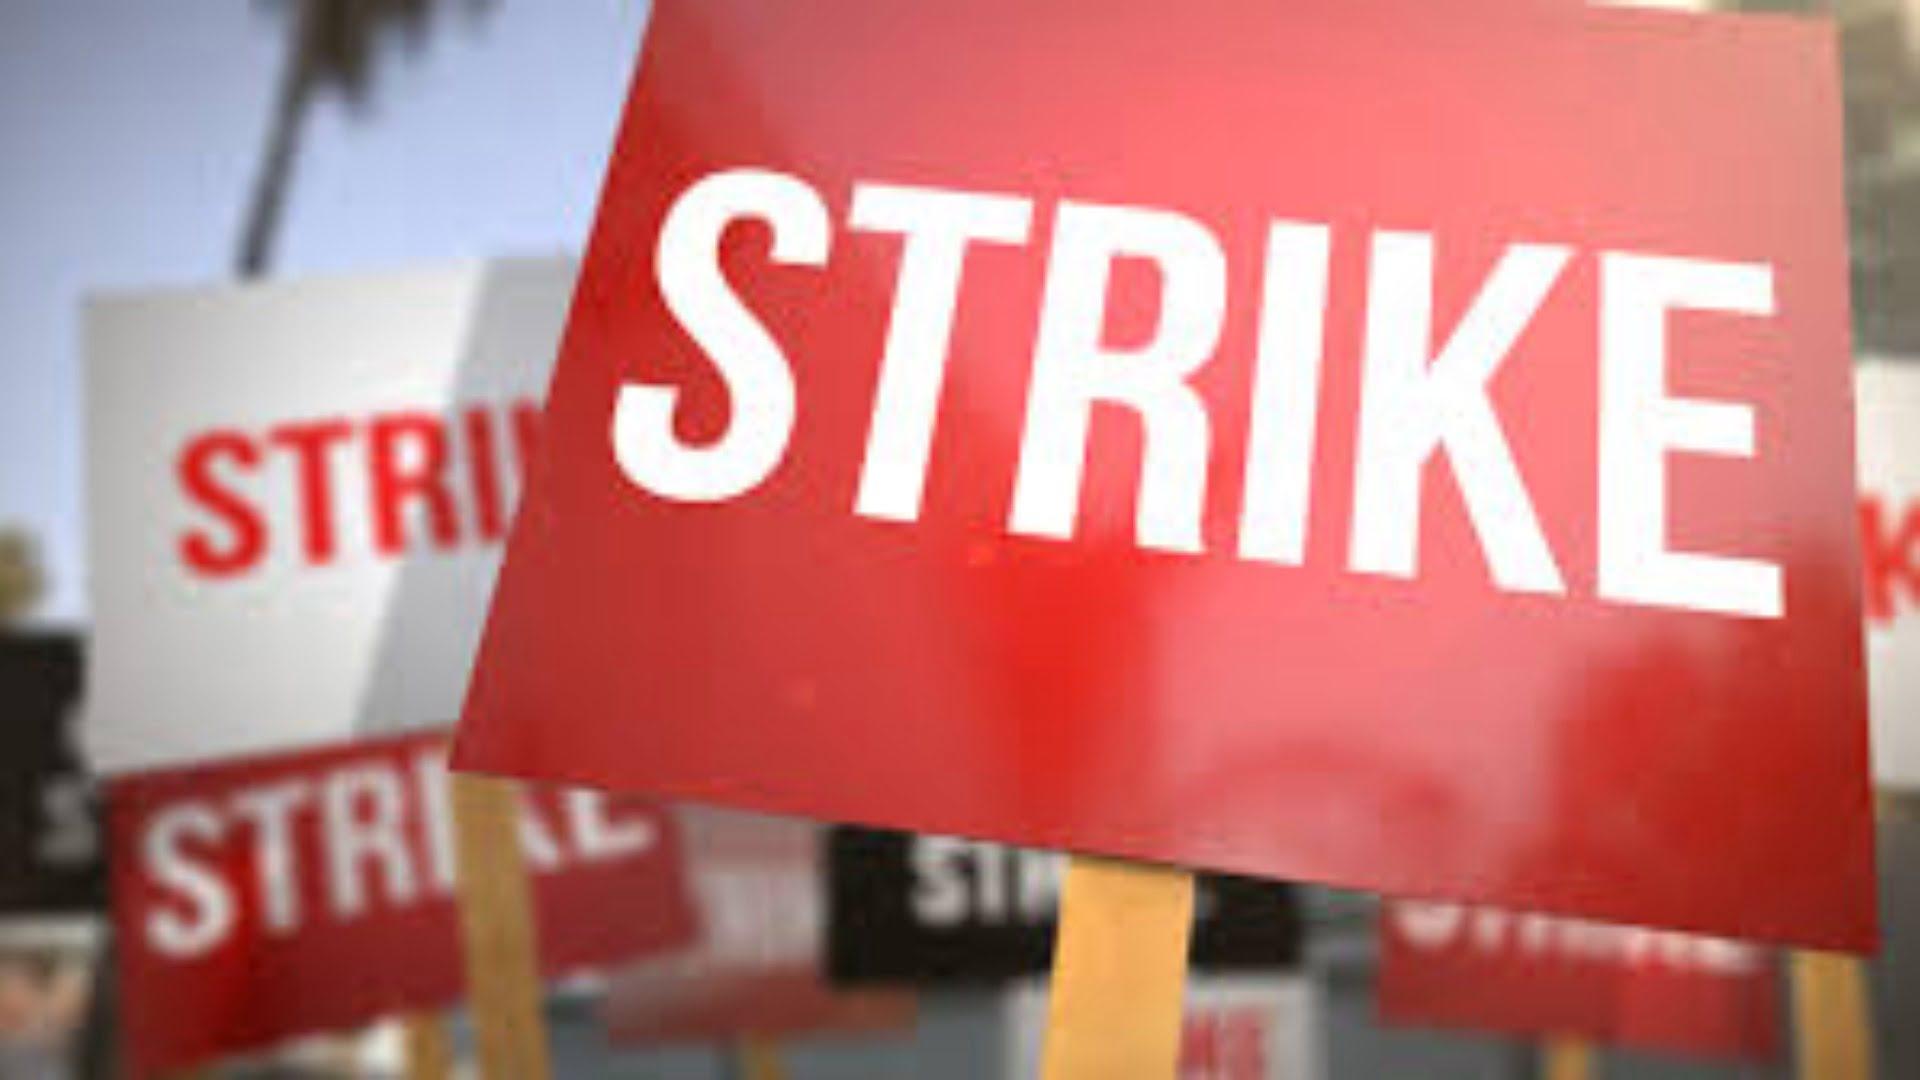 strike - Ogun workers to embark on strike Friday